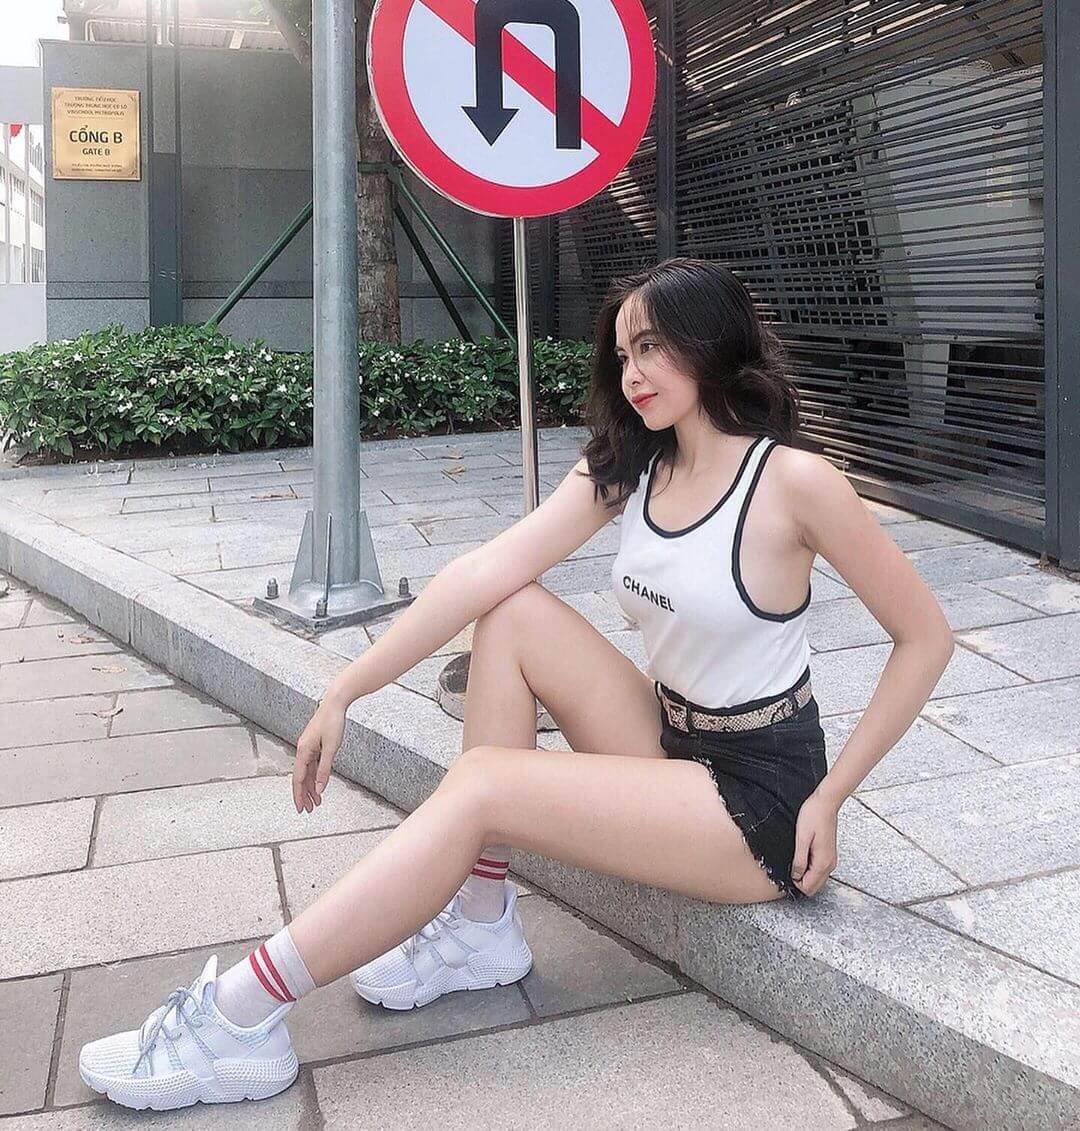 20岁越南妹子美胸丰臀好招摇,自拍美照吸睛度高超!-第8张